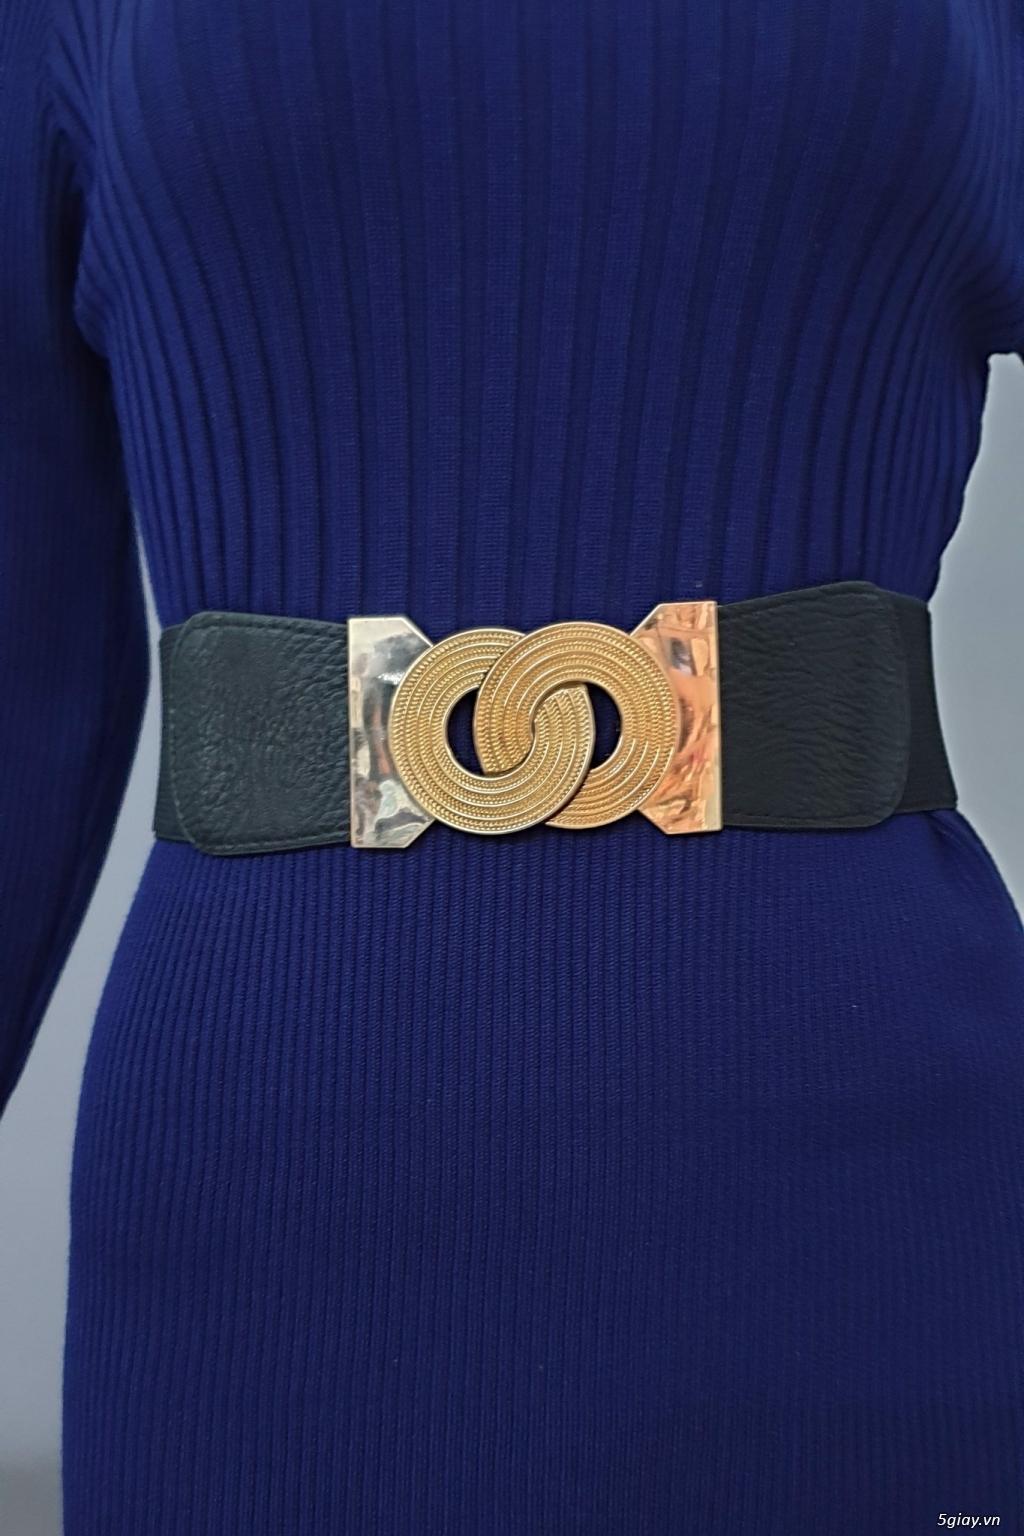 Wal House Fashion - Dây nịt, cài áo, vòng tay, mắt kiếng....... - 7